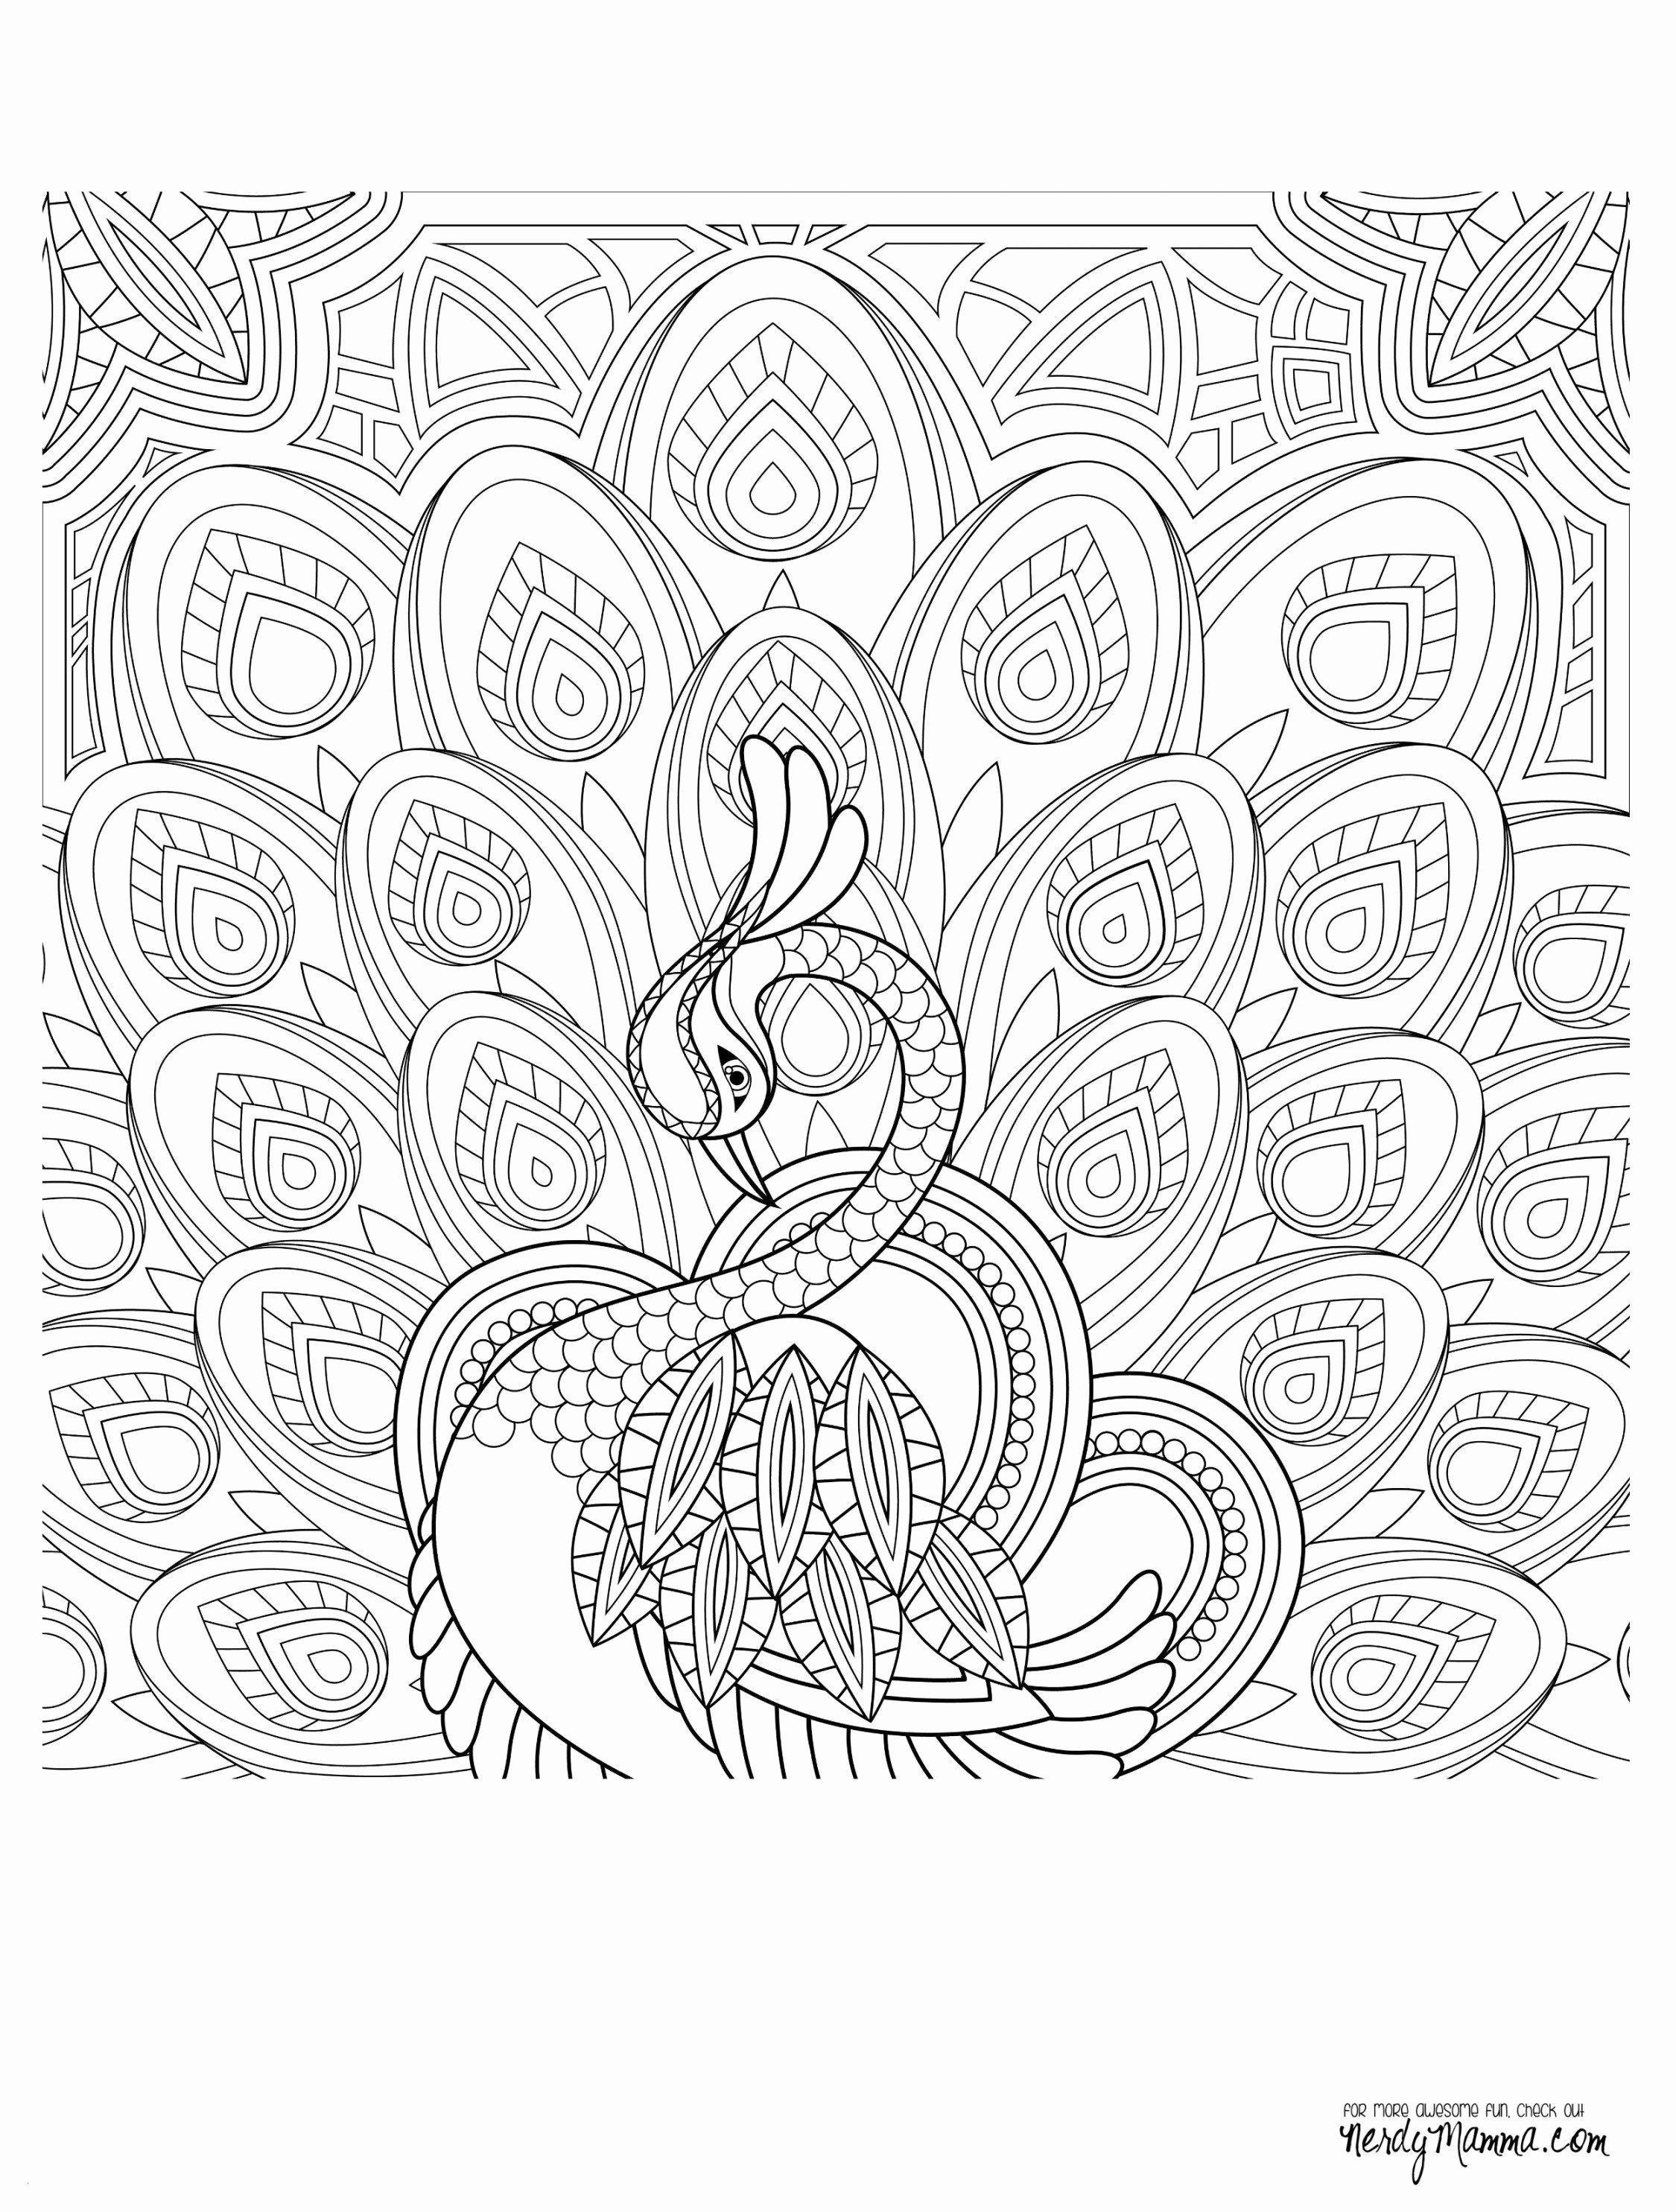 Malvorlagen Acryl Ausdrucken – tiffanylovesbooks.com